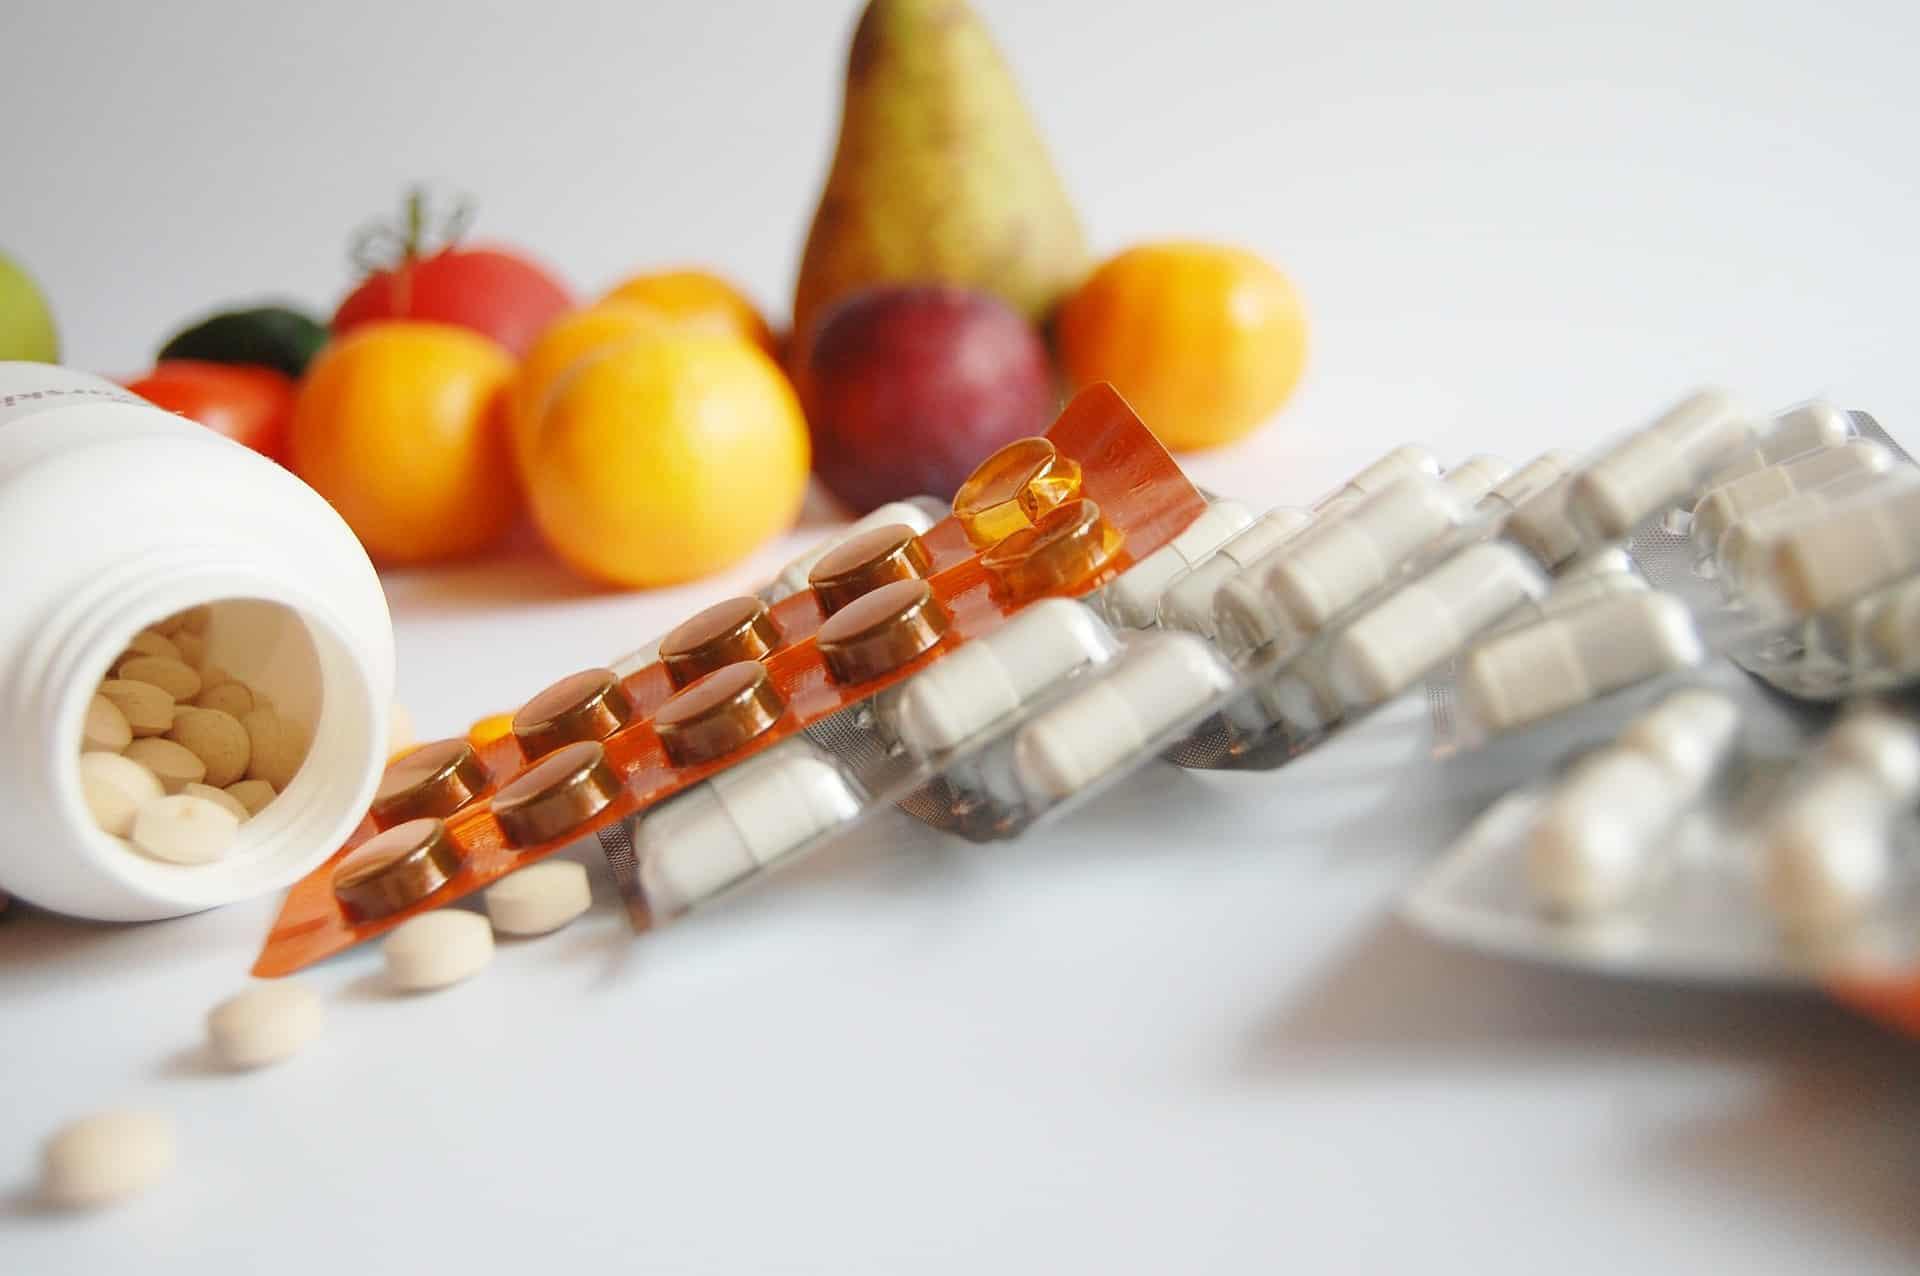 Garden of Life Vitamins Ingredients